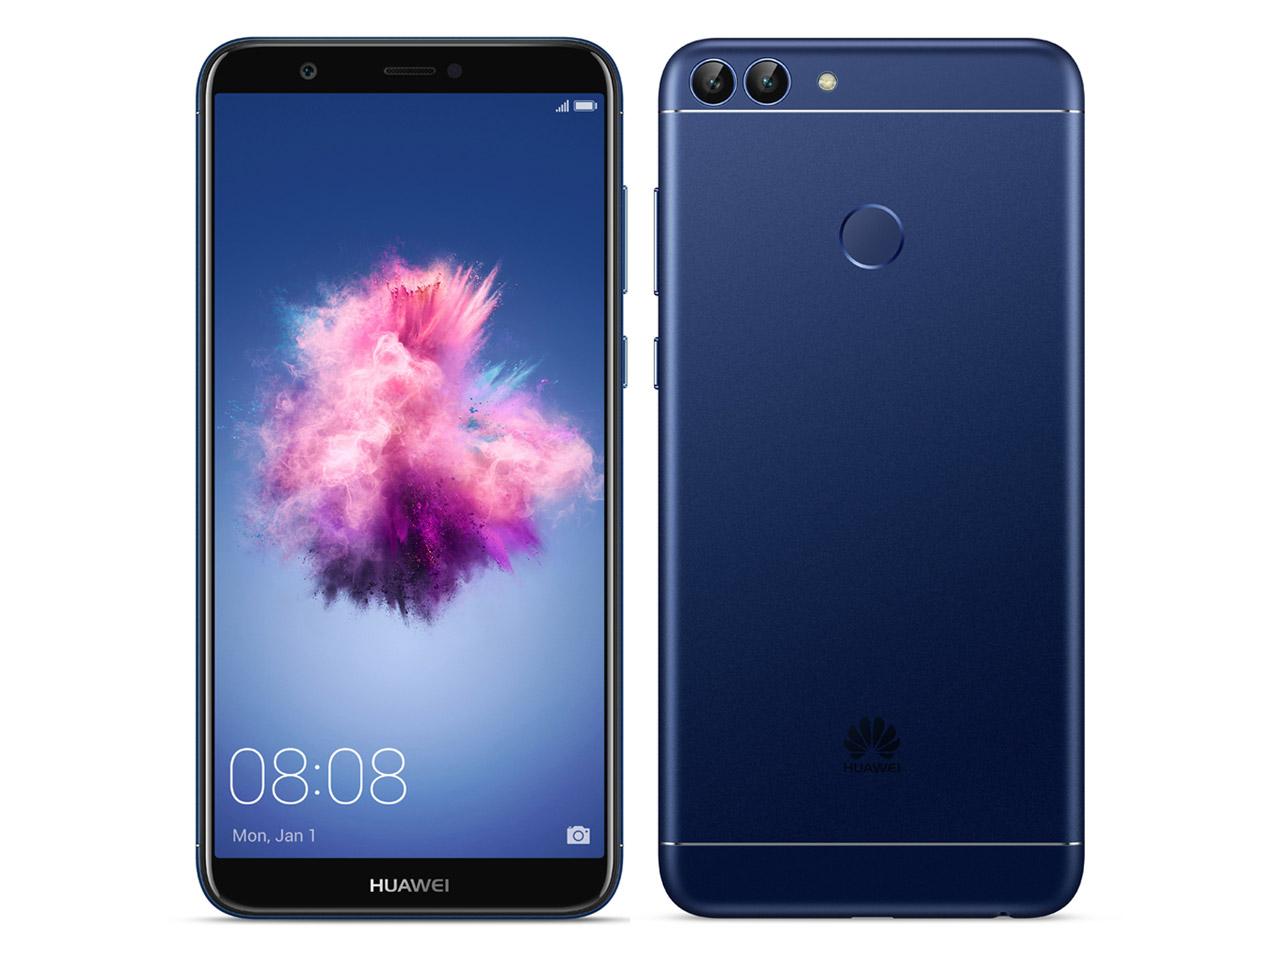 【新品未開封・白ロム・本体】HUAWEI nova lite 2 ブルー スマートフォン 携帯電話 SIMフリー HUAWEI NOVA LITE 2 ブルー FIG-LA1